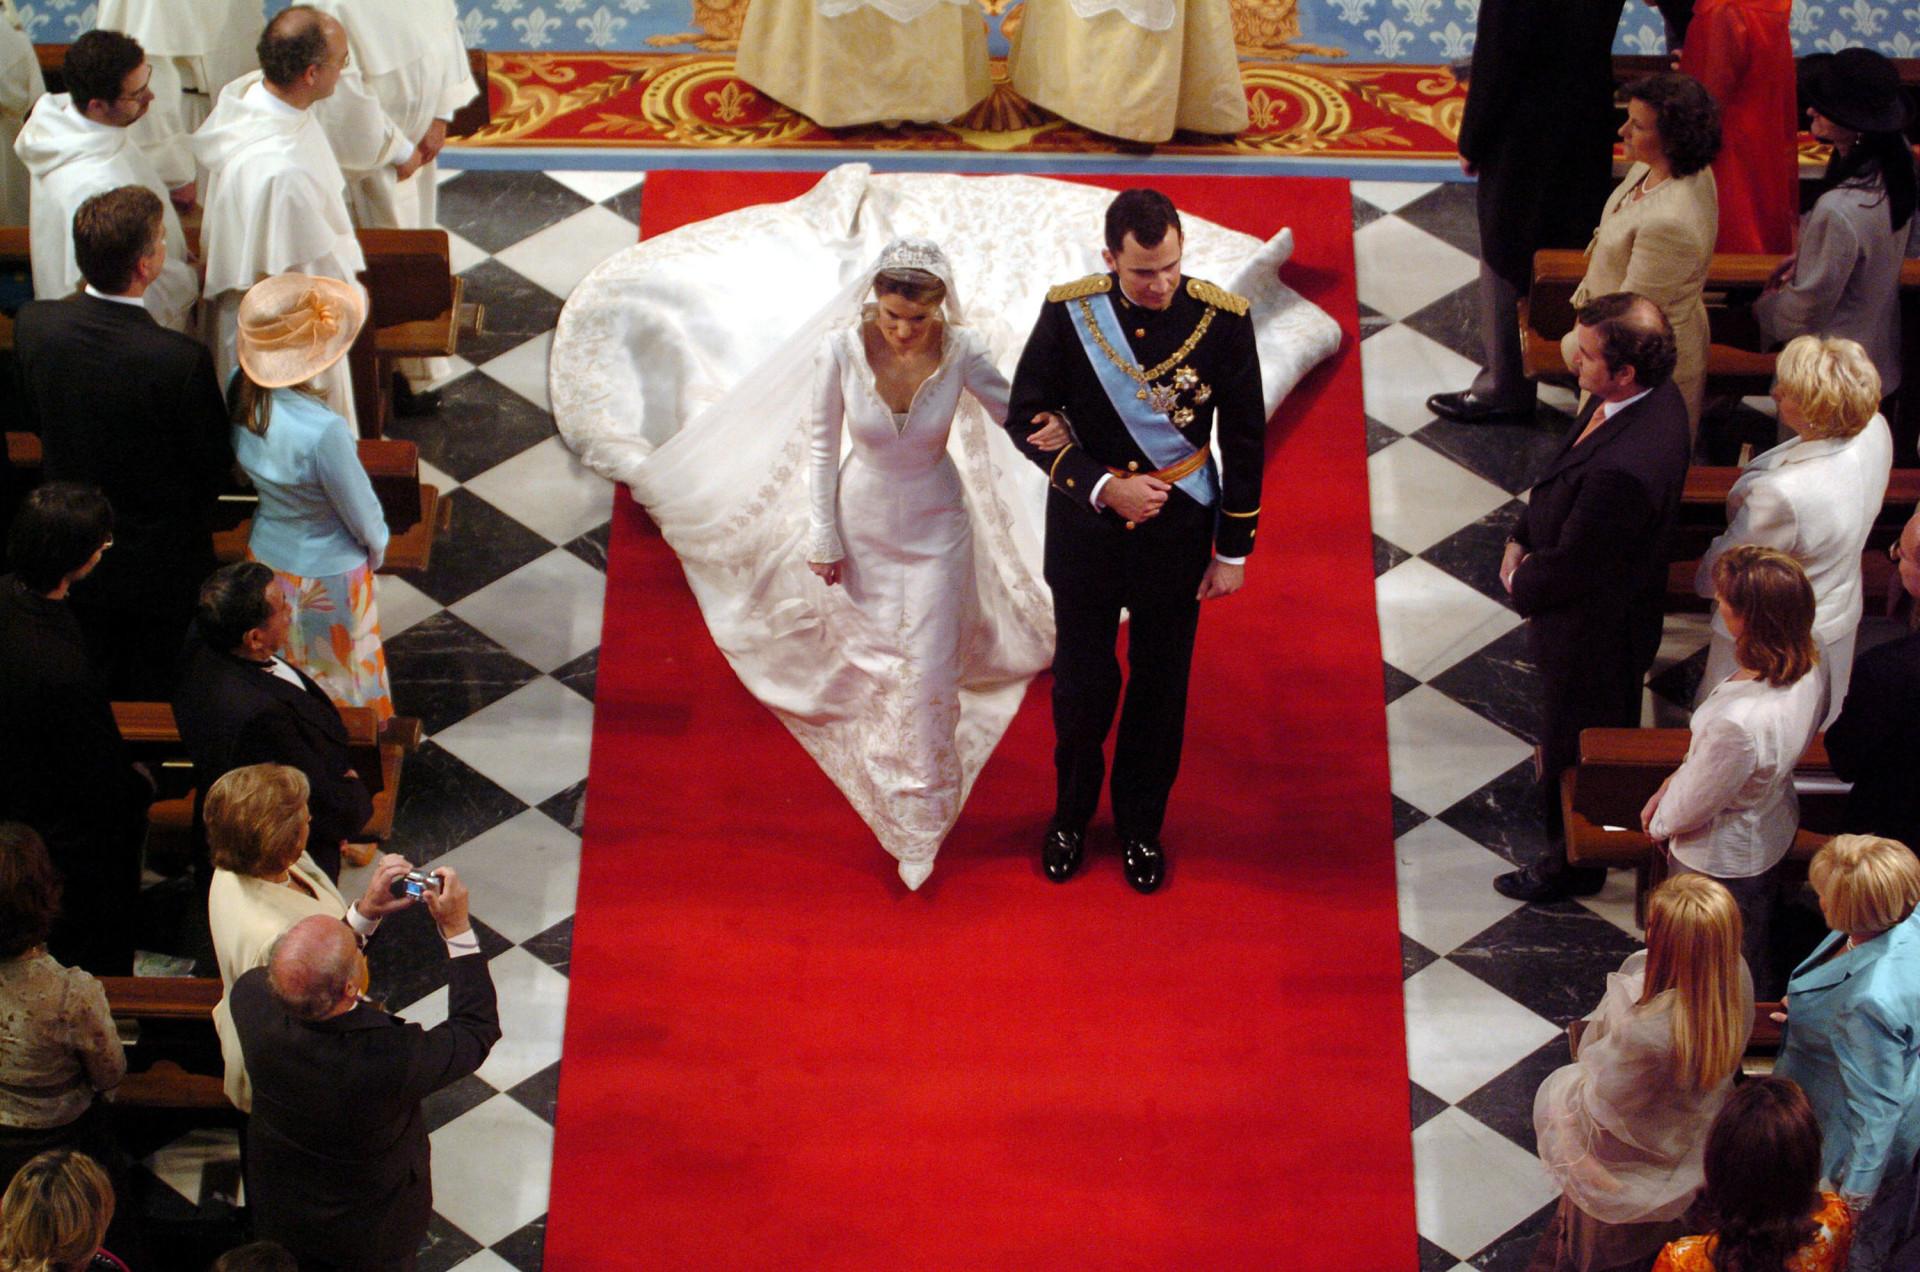 Realeza: quem teve o vestido de noiva mais deslumbrante?